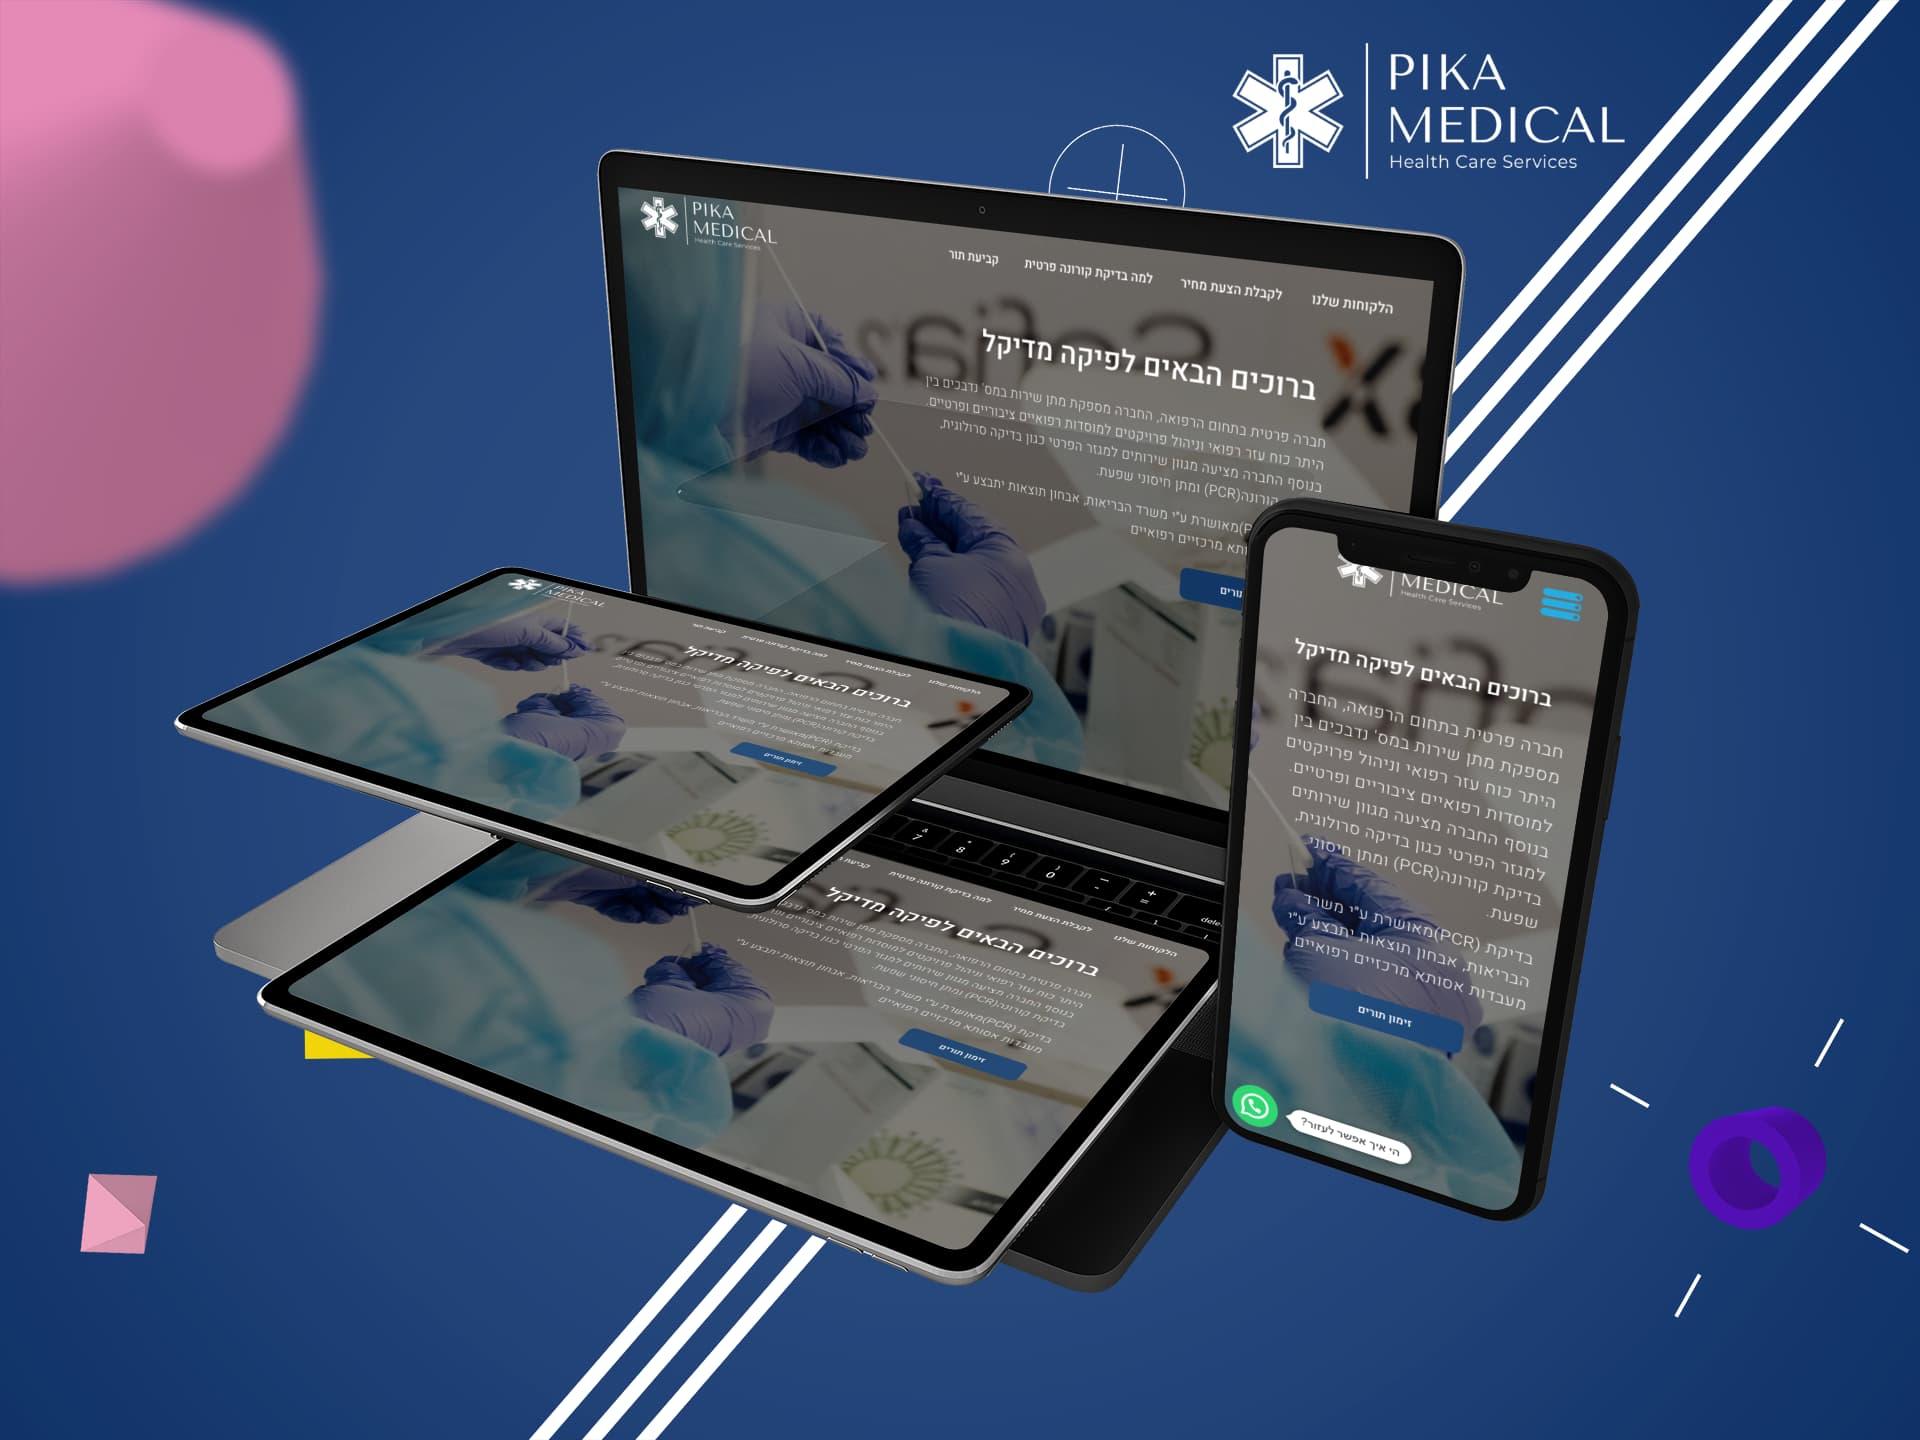 Picture of חברה פרטית בתחום הרפואה פיקה מדיקל